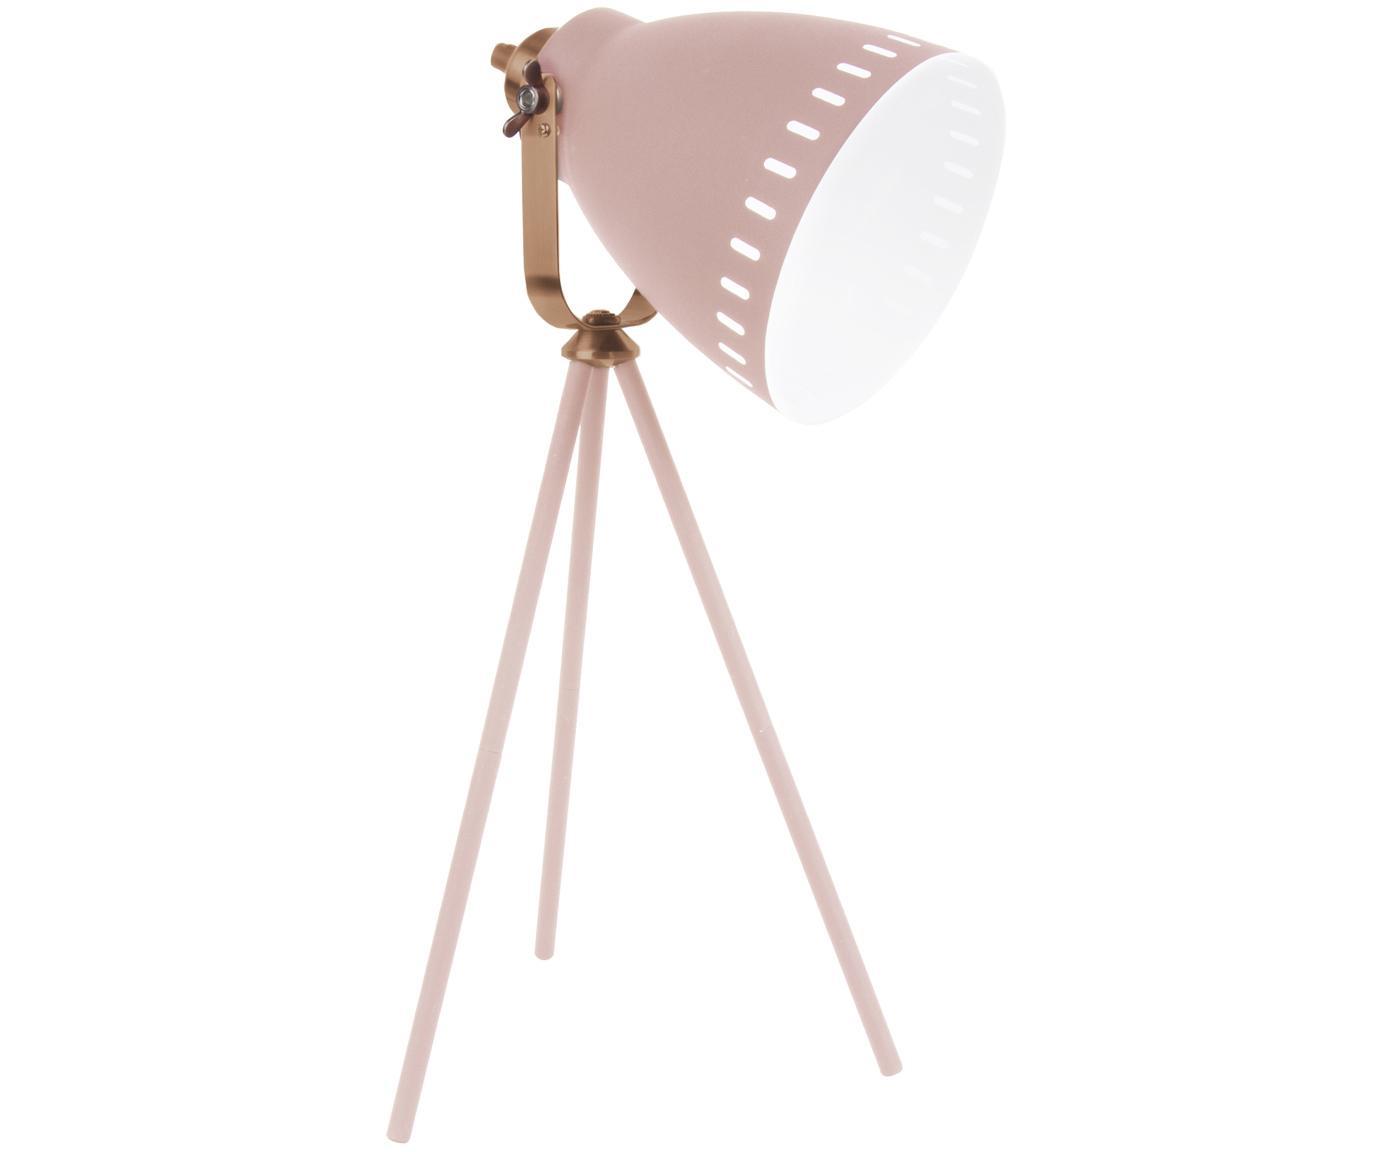 Tafellamp Mingle in industrieel design, Wit, koperkleurig, 27 x 54 cm